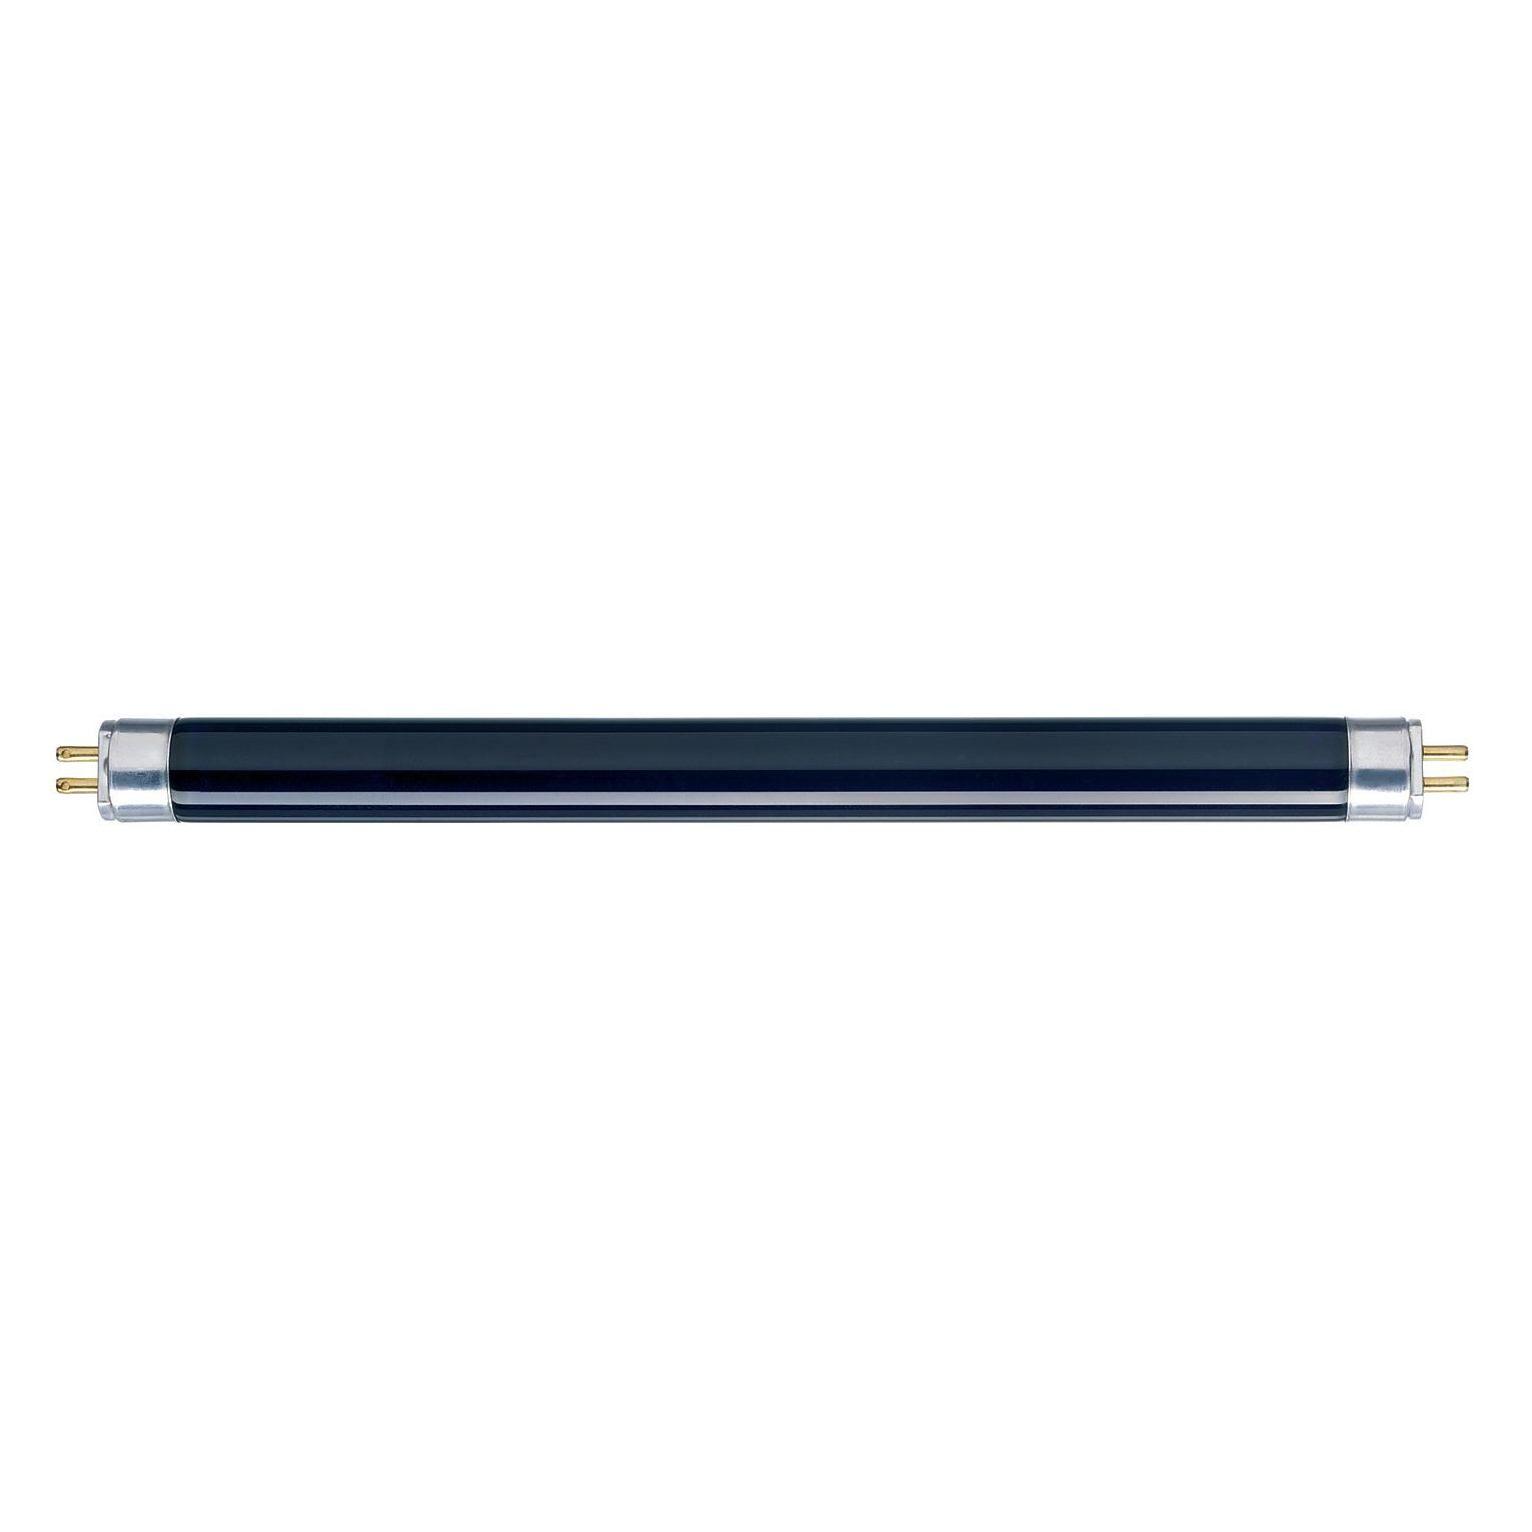 Купить Лампа люминесцентная Philips TL 8W BLB 1FM/10X25CC 288мм 8Вт d16 G5 (мягкий УФ)